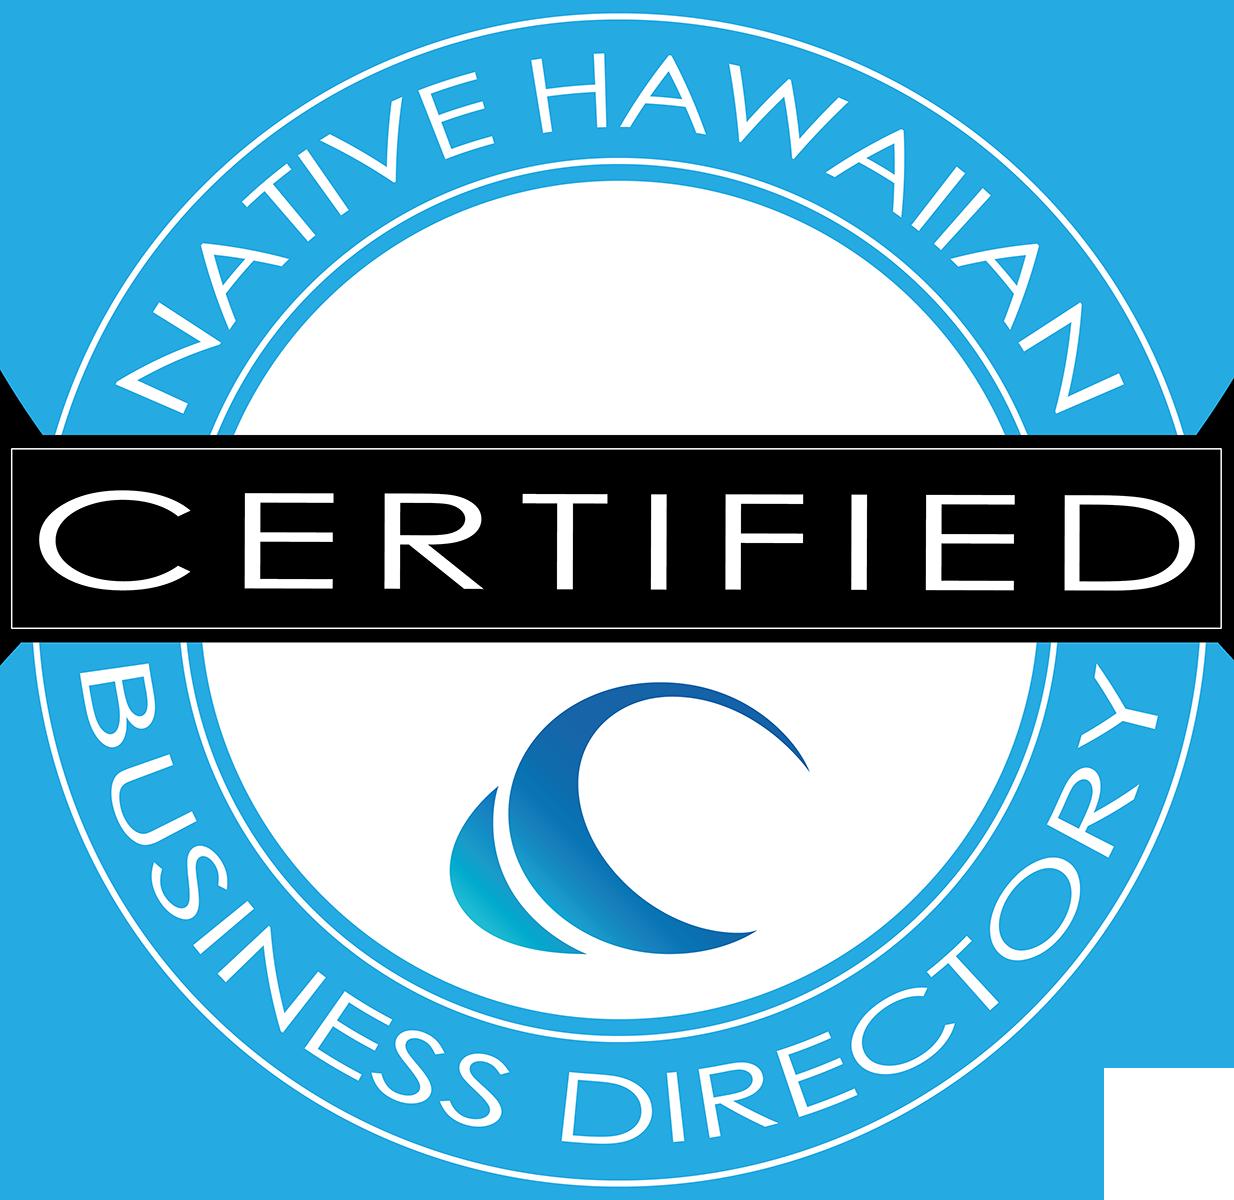 https://kanakaeconomy.com/wp-content/uploads/2020/10/NHBD_Certified2_1200.png